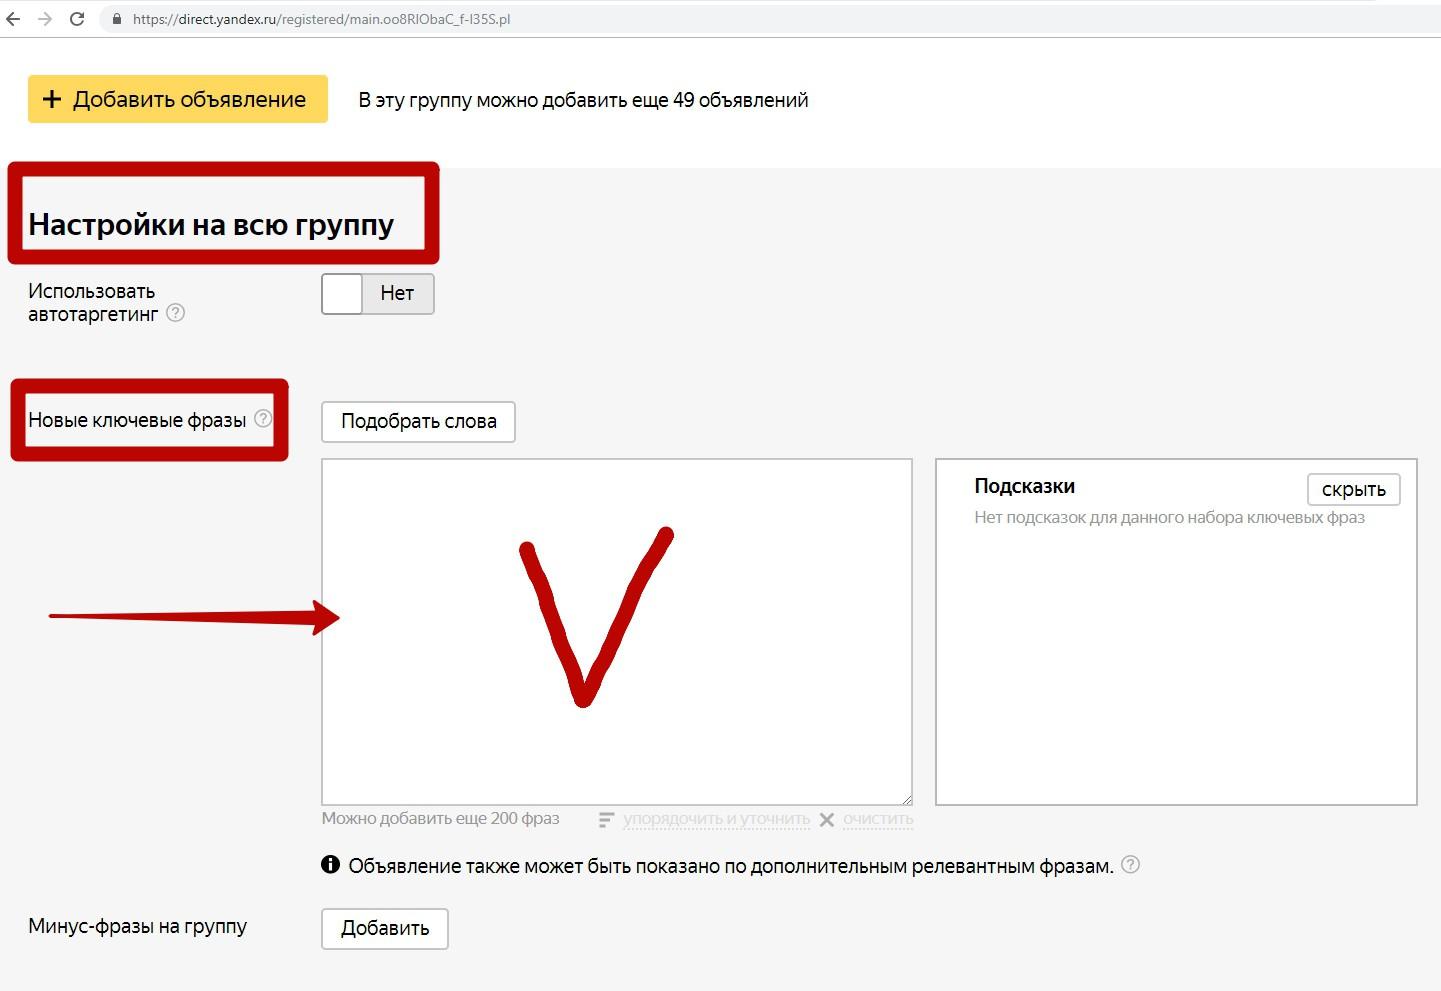 Реклама на поиске Яндекса – добавление ключевых фраз в группу объявлений